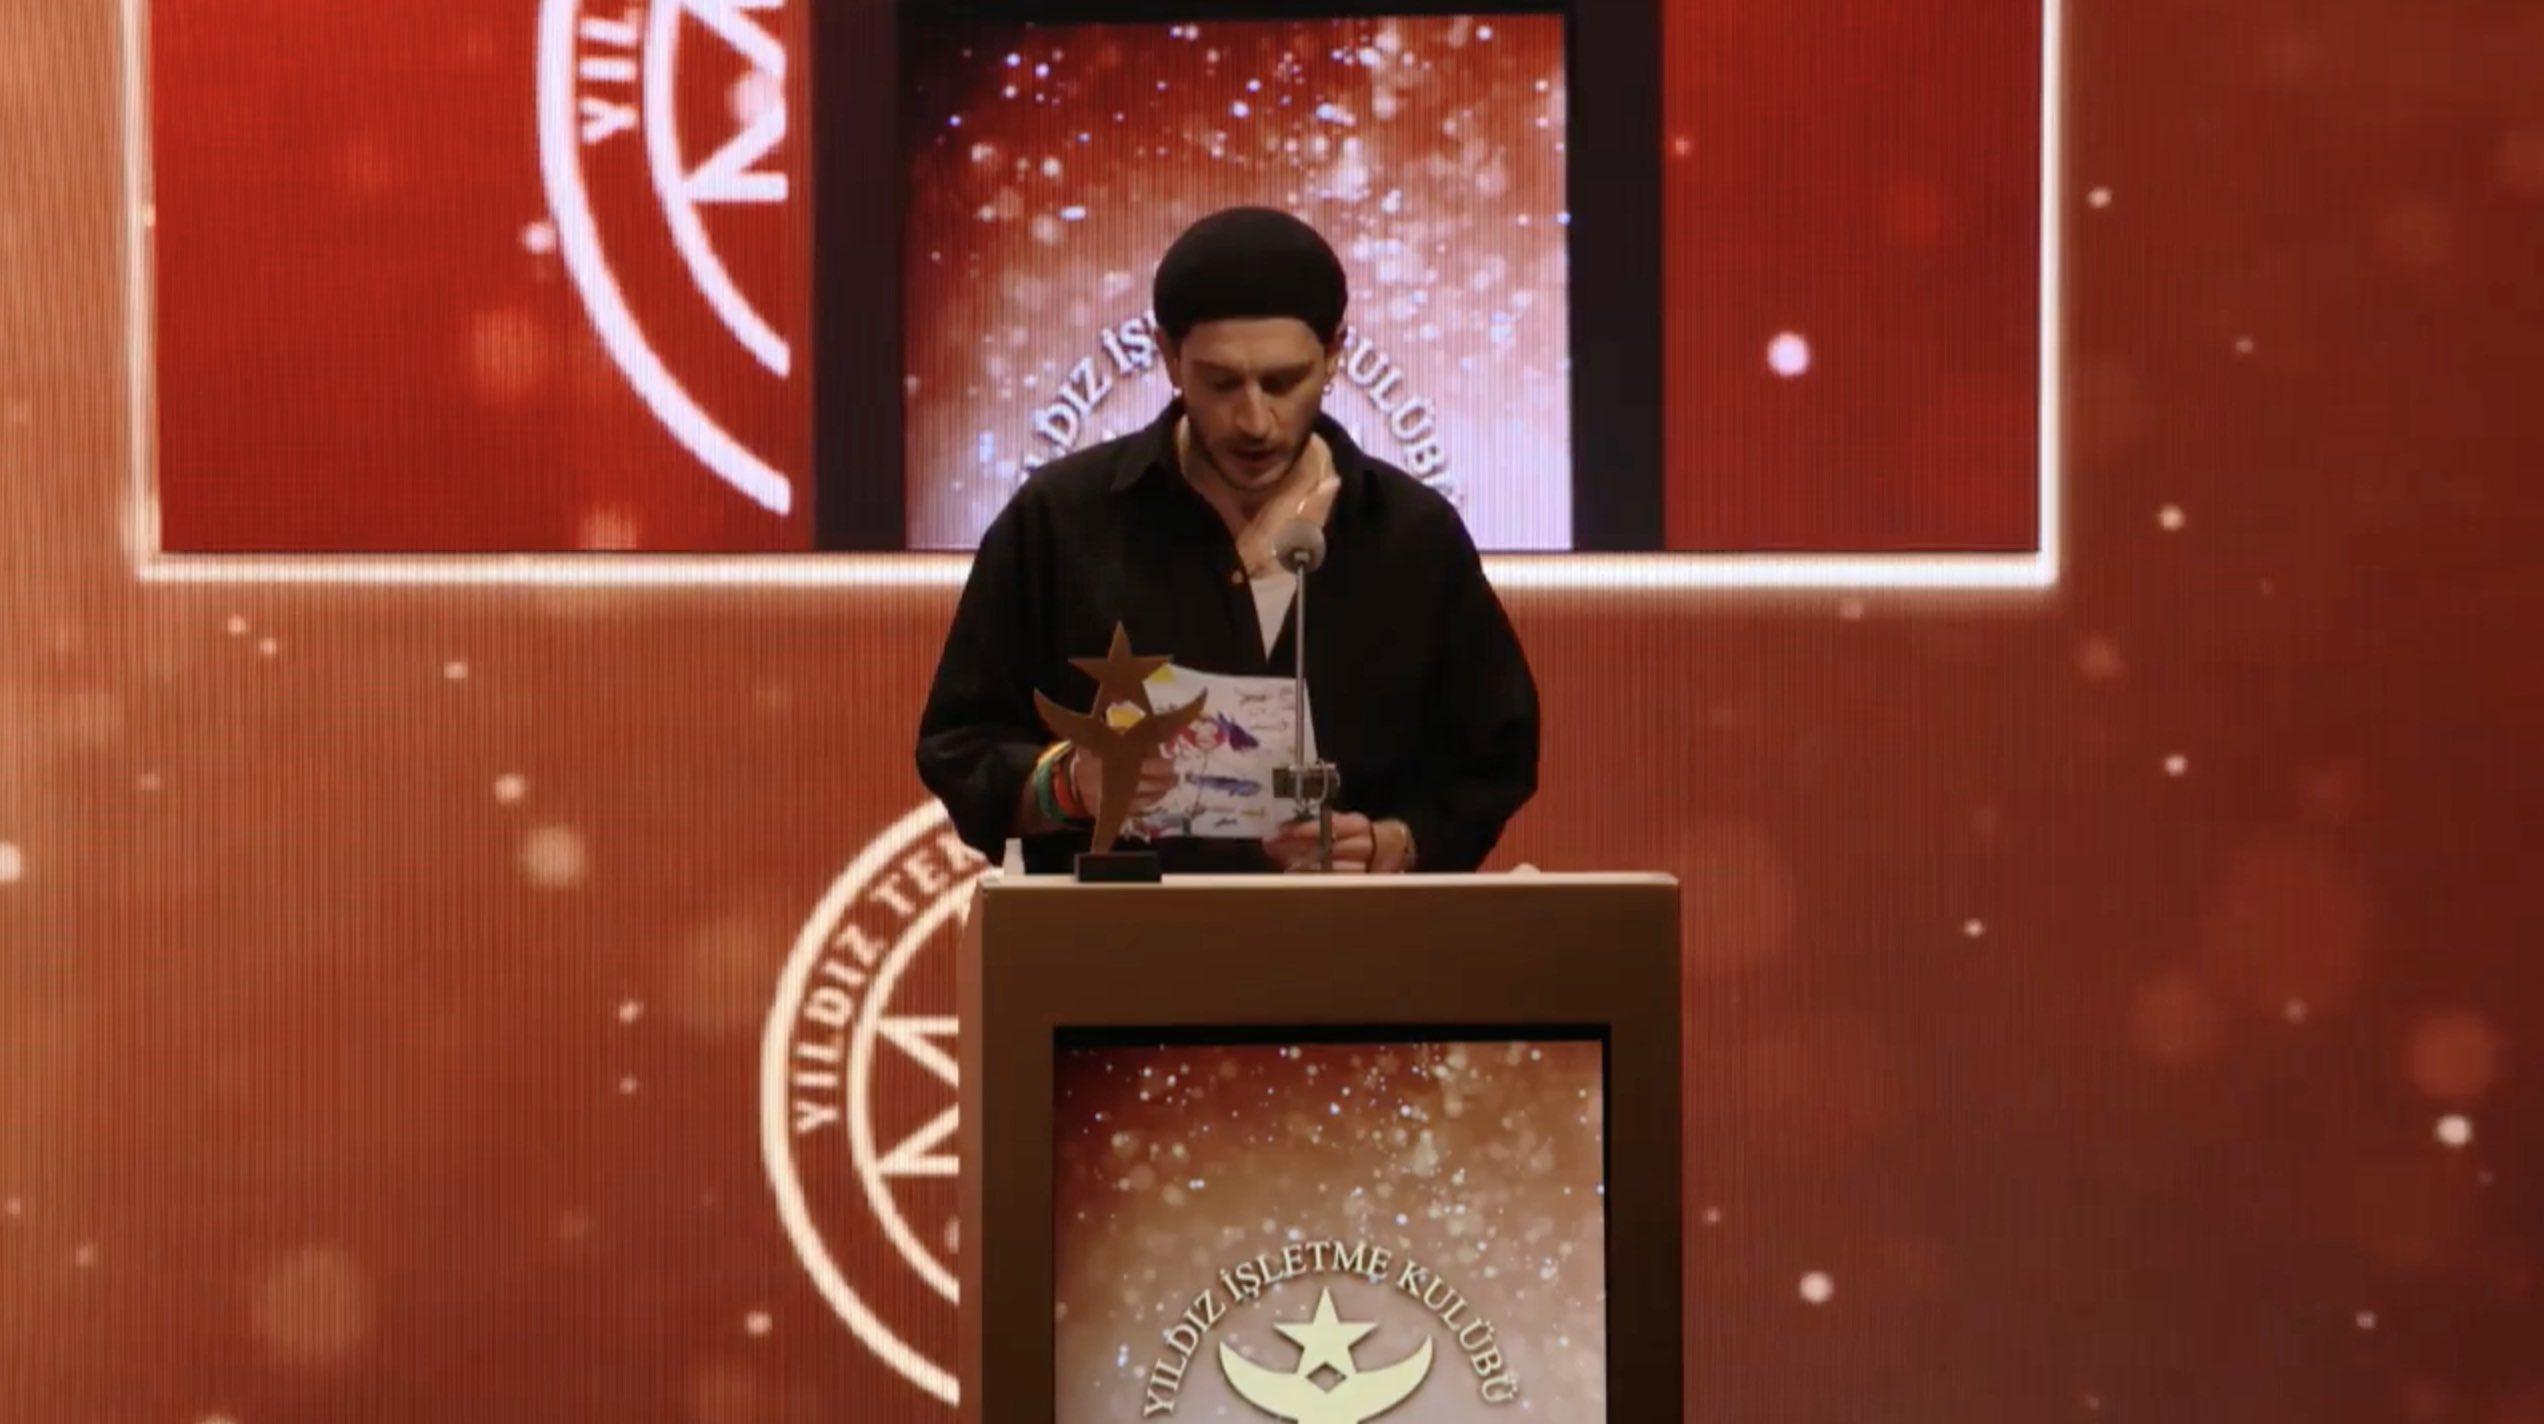 Sen Mükemmel Birisin! Uraz Kaygılaroğlu'ndan Yılın Yıldızları Ödüllerinde Çocuklarla İlgili Muhteşem Konuşma